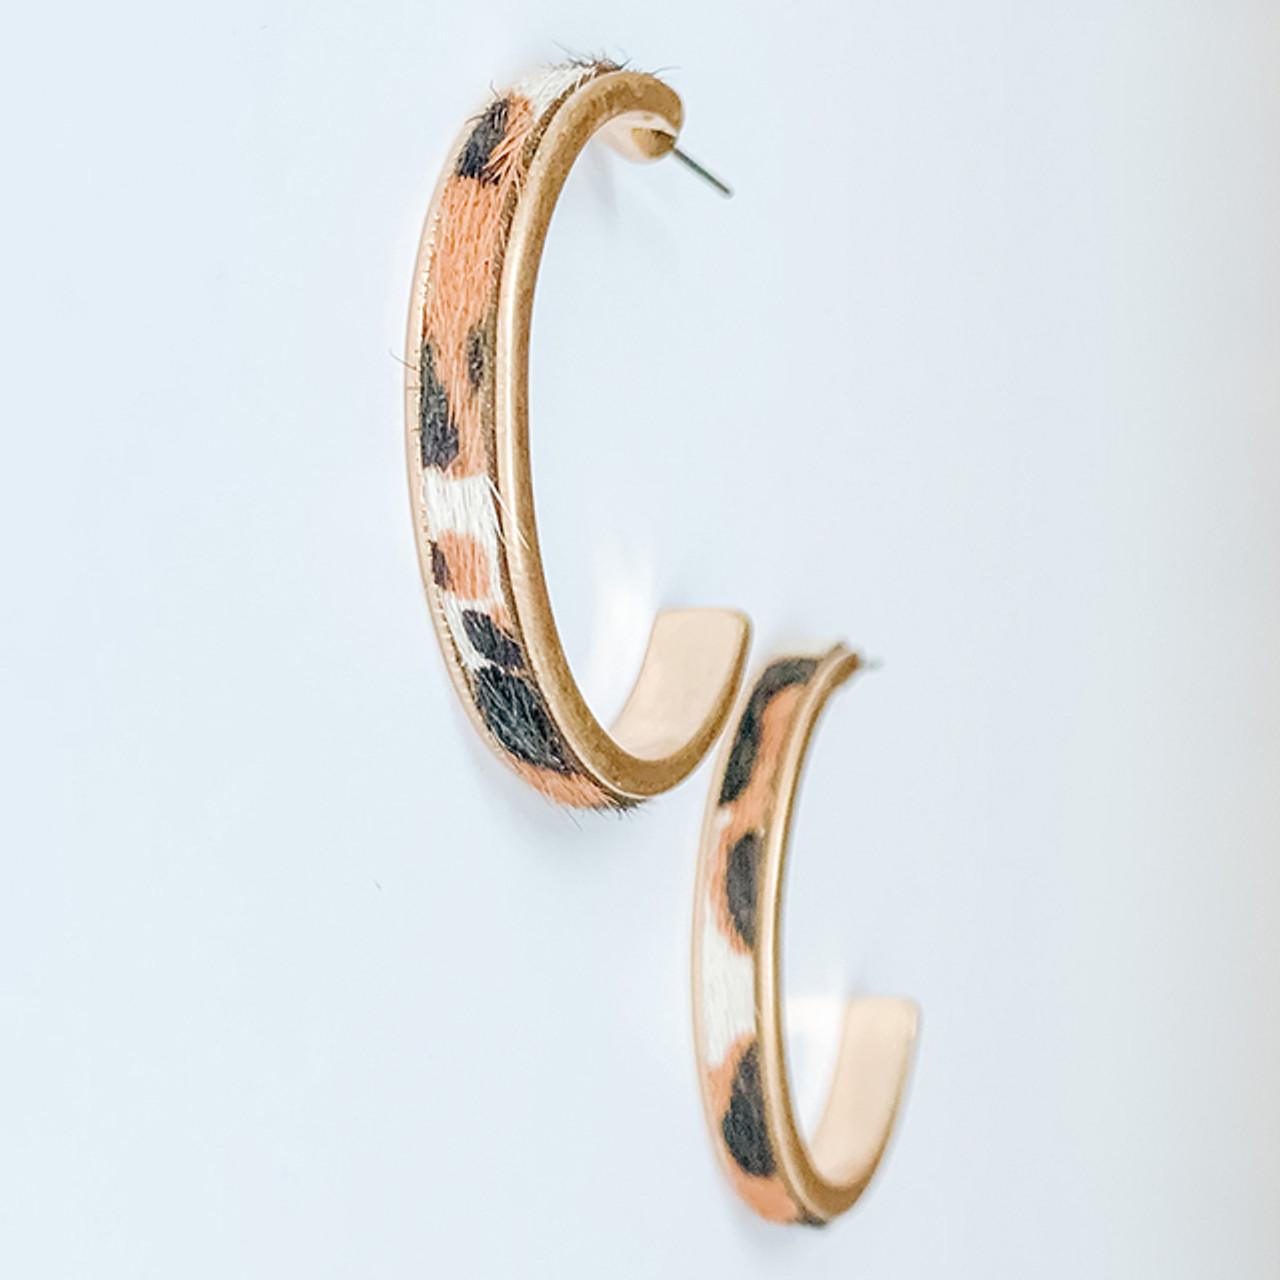 Ivory, black & brown calf-hair hoop earrings, Nickel and lead free.